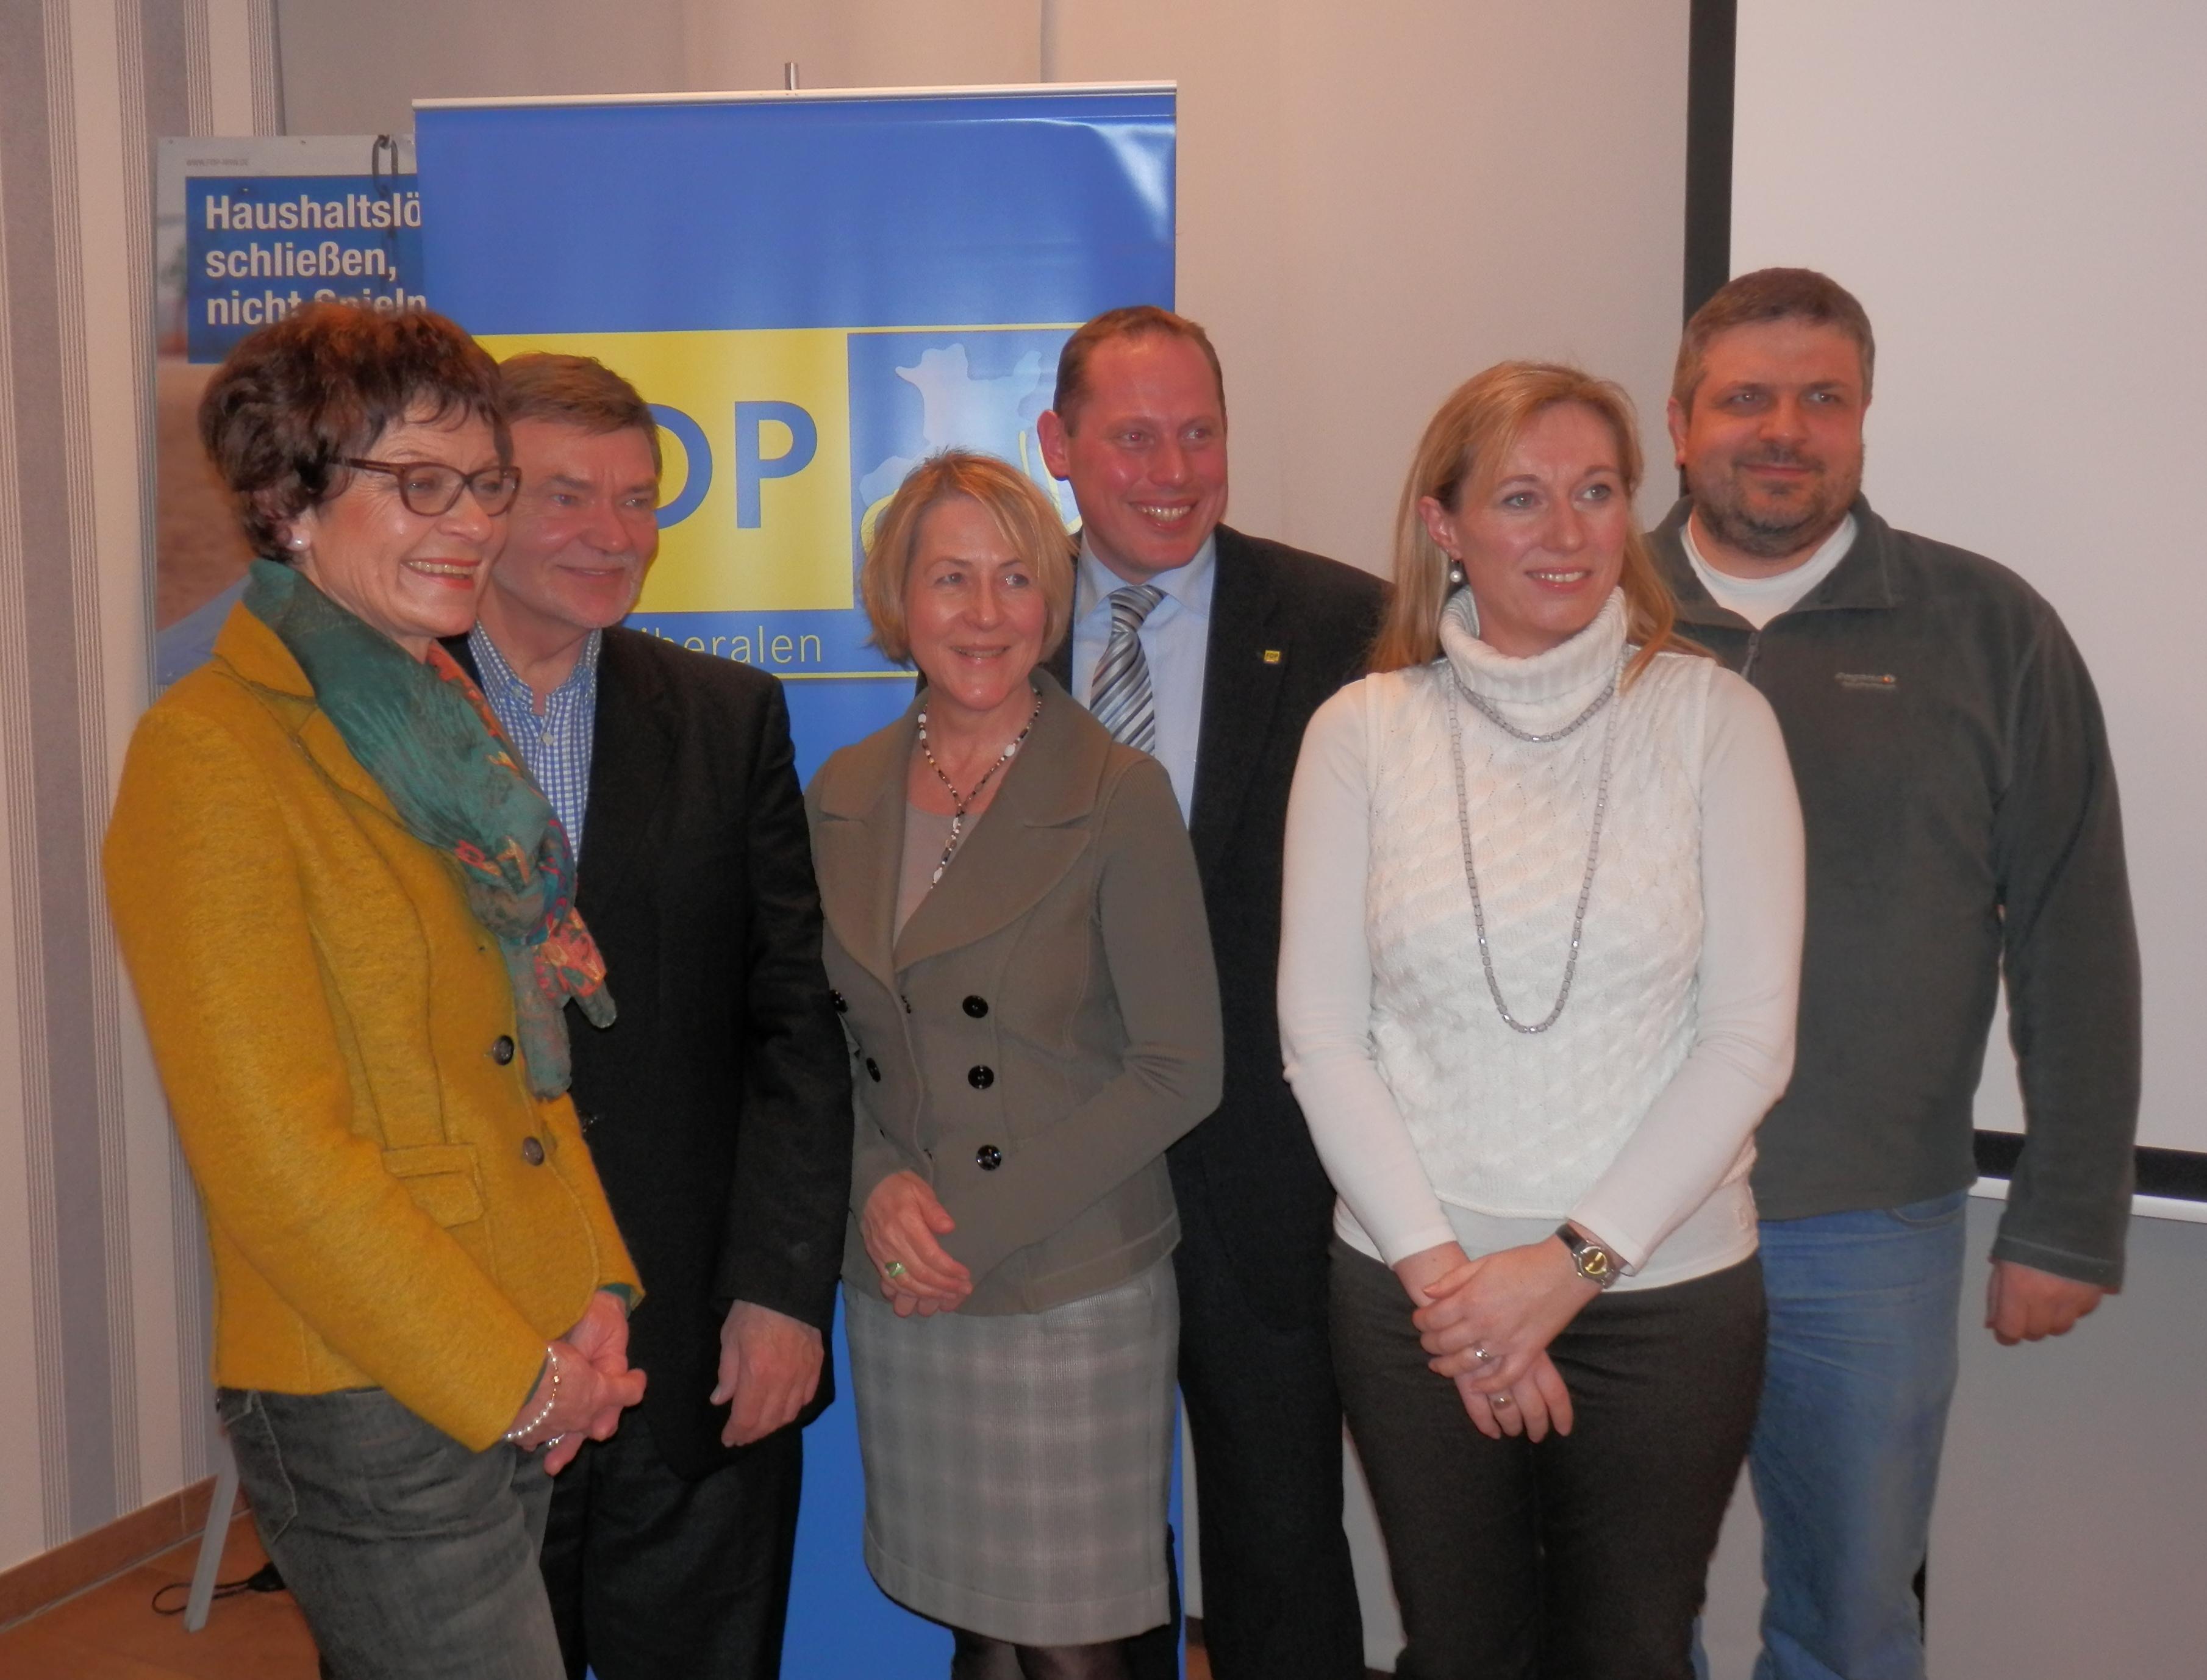 Die Kandidatinnen und Kandidaten der Reserveliste (Platz 1 bis 6, v. links: Cornelia Müller-Dieker (1), Wilhelm Pottkamp (4), Susanne Engelking (2), Martin Bierwirth (5), Marita Scholle-Branahl (6), Dirk Neitmann (2)